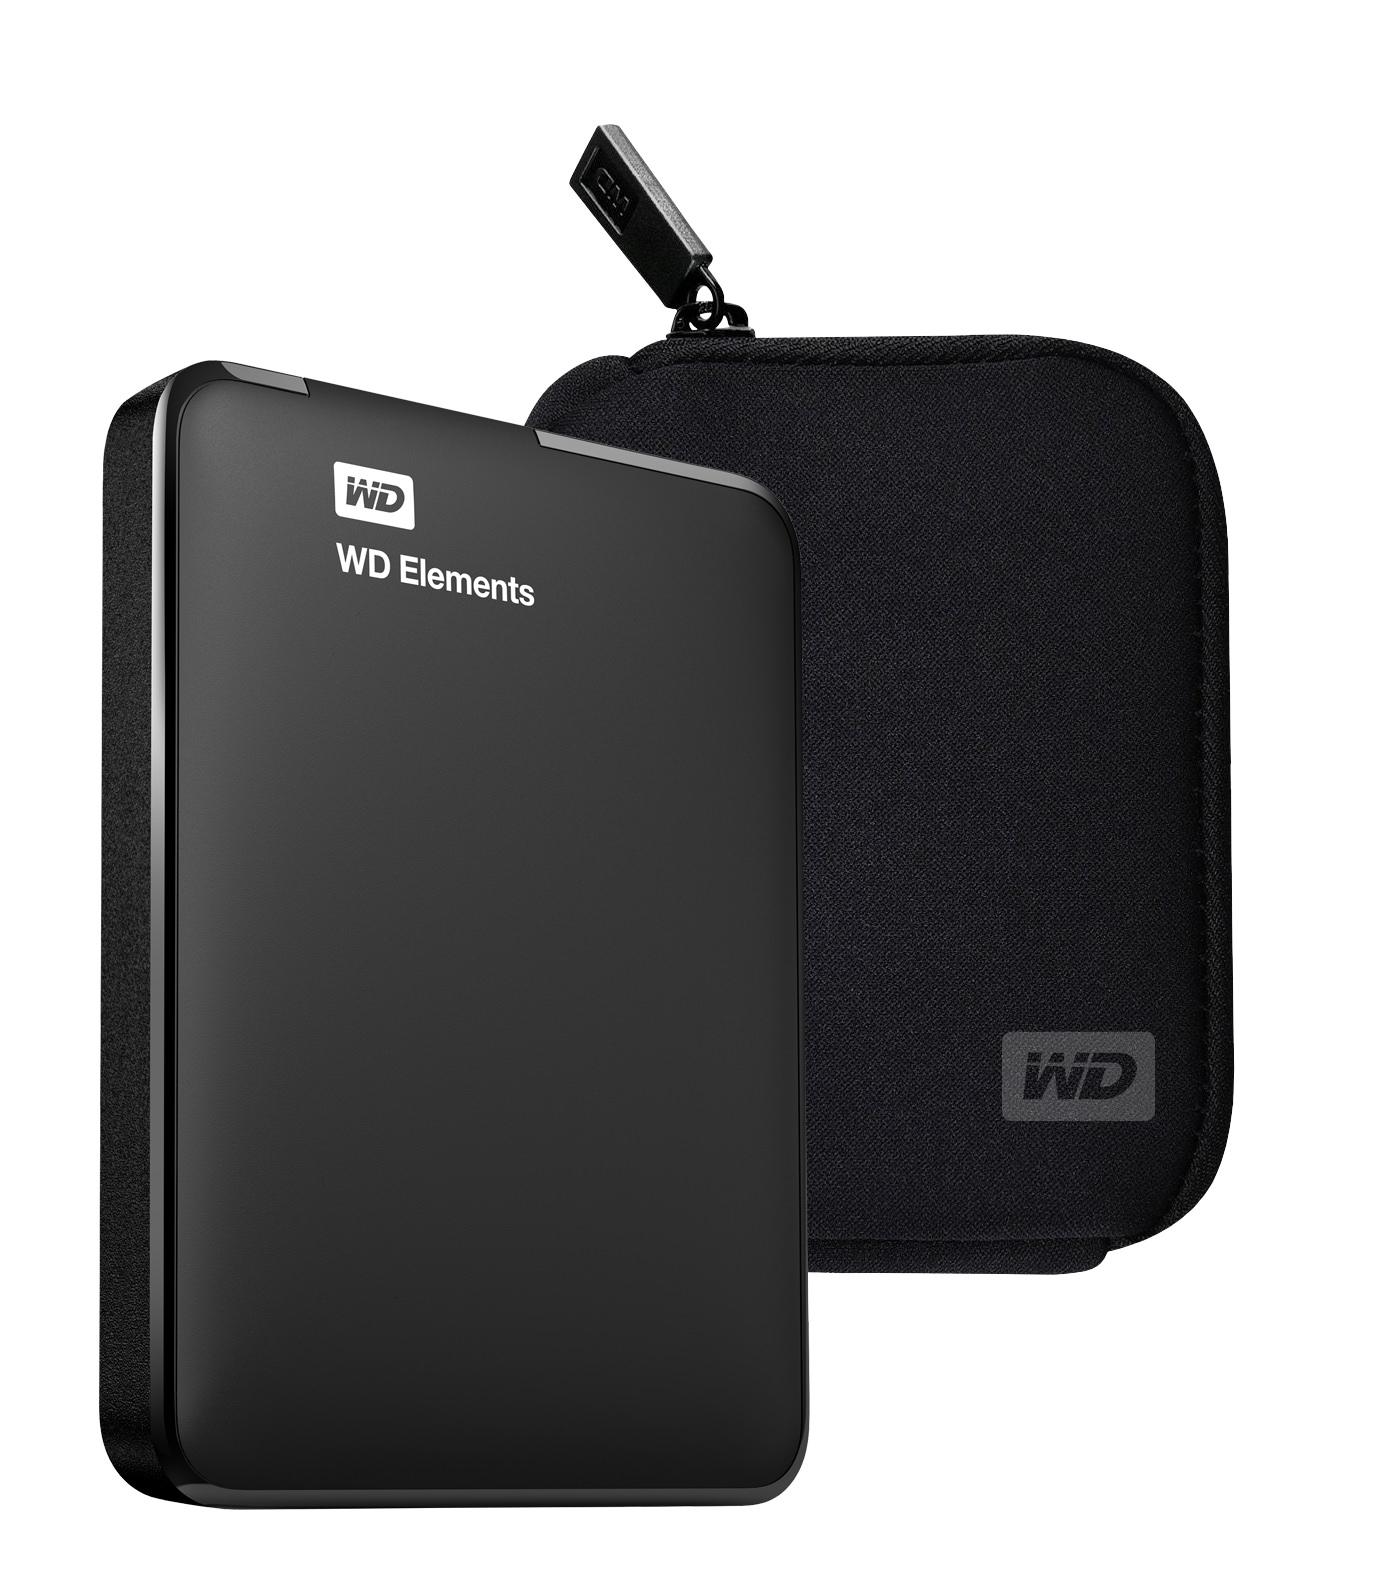 WDBU6Y0015BBK-EESN - DISCO DURO EXTERNO 2.5' 1.5TB WESTERN DIGITAL ELEM